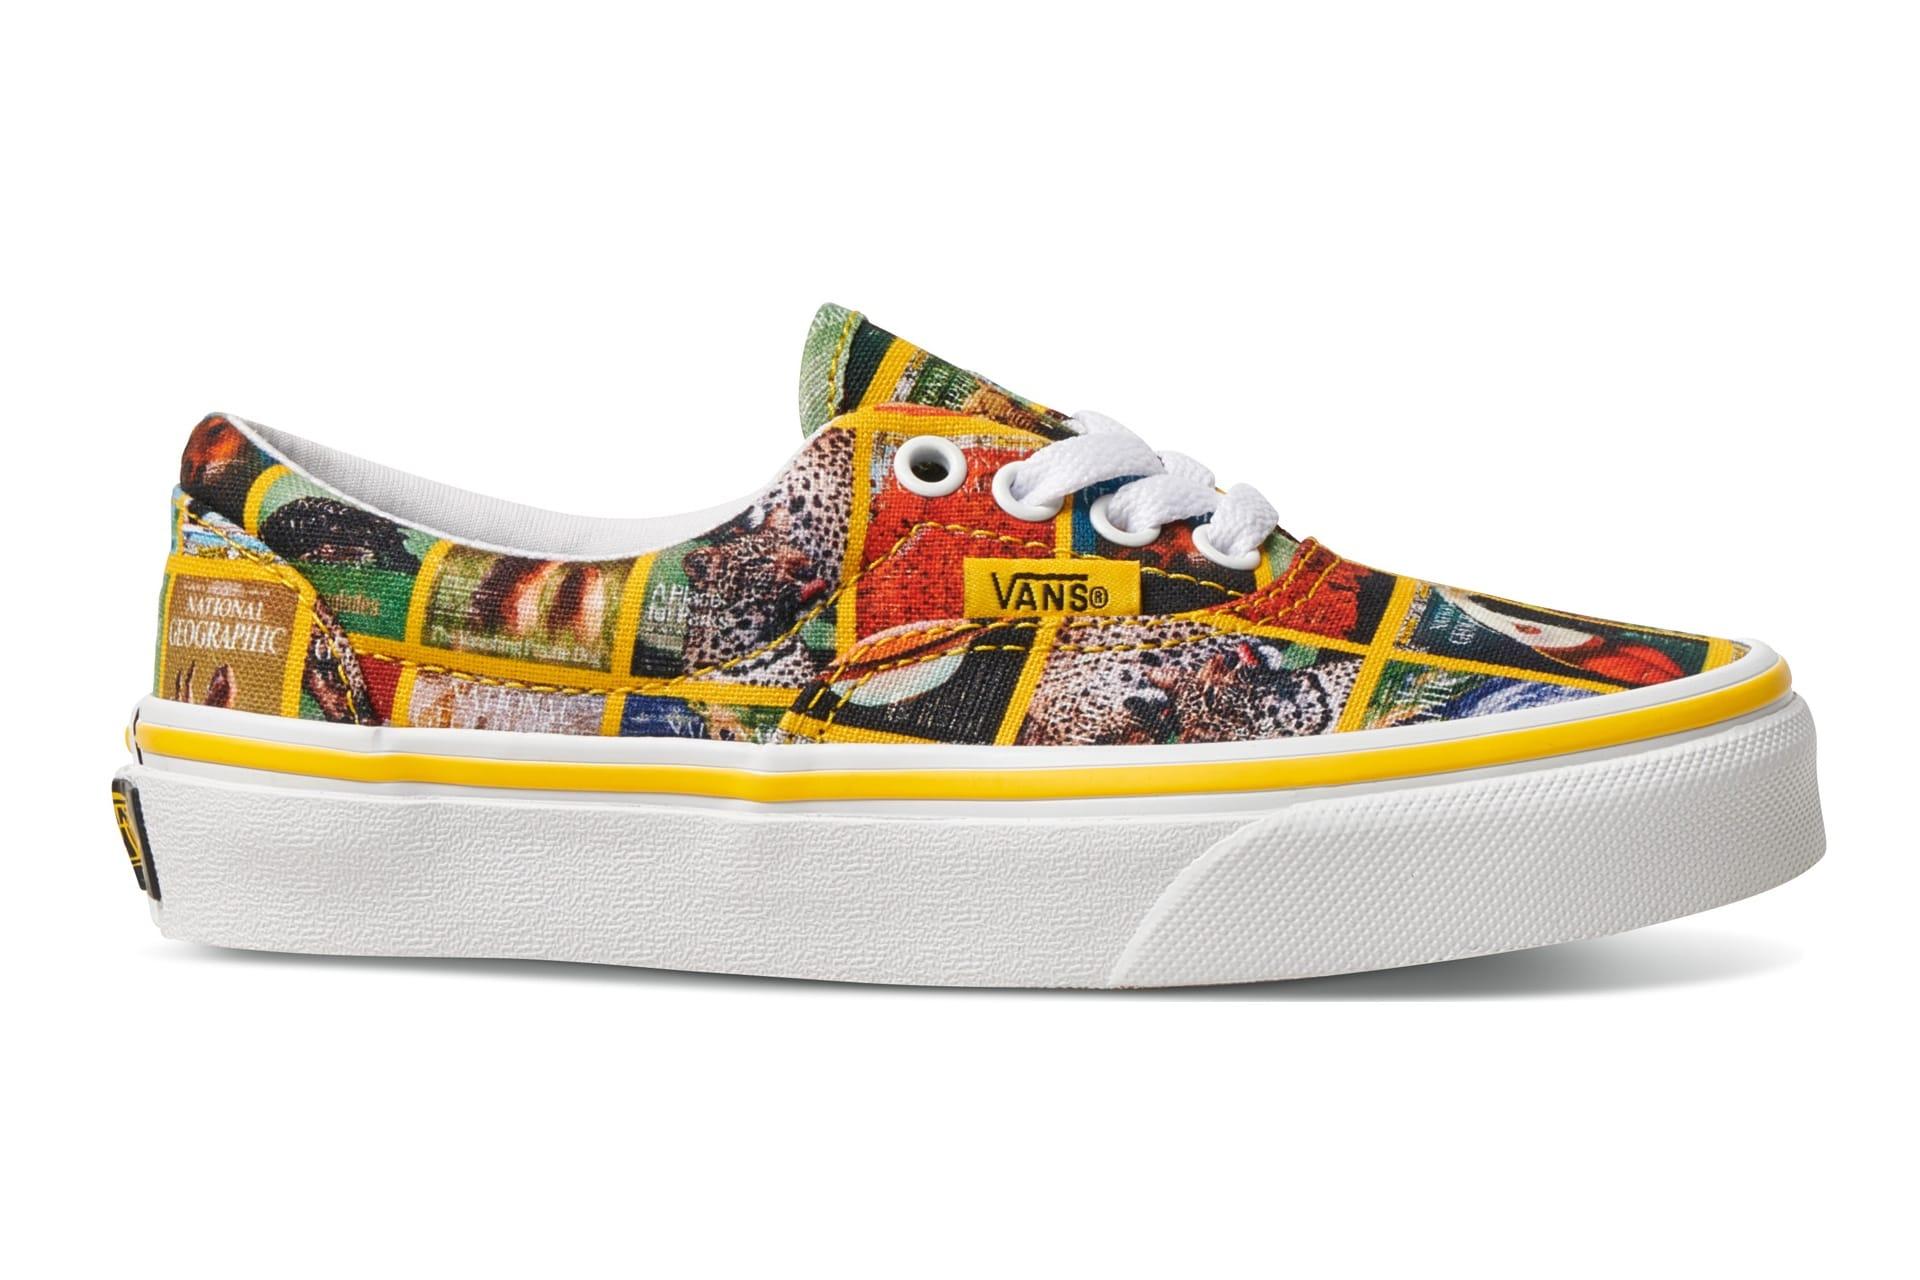 NatGeo-patterned Vans sneakers